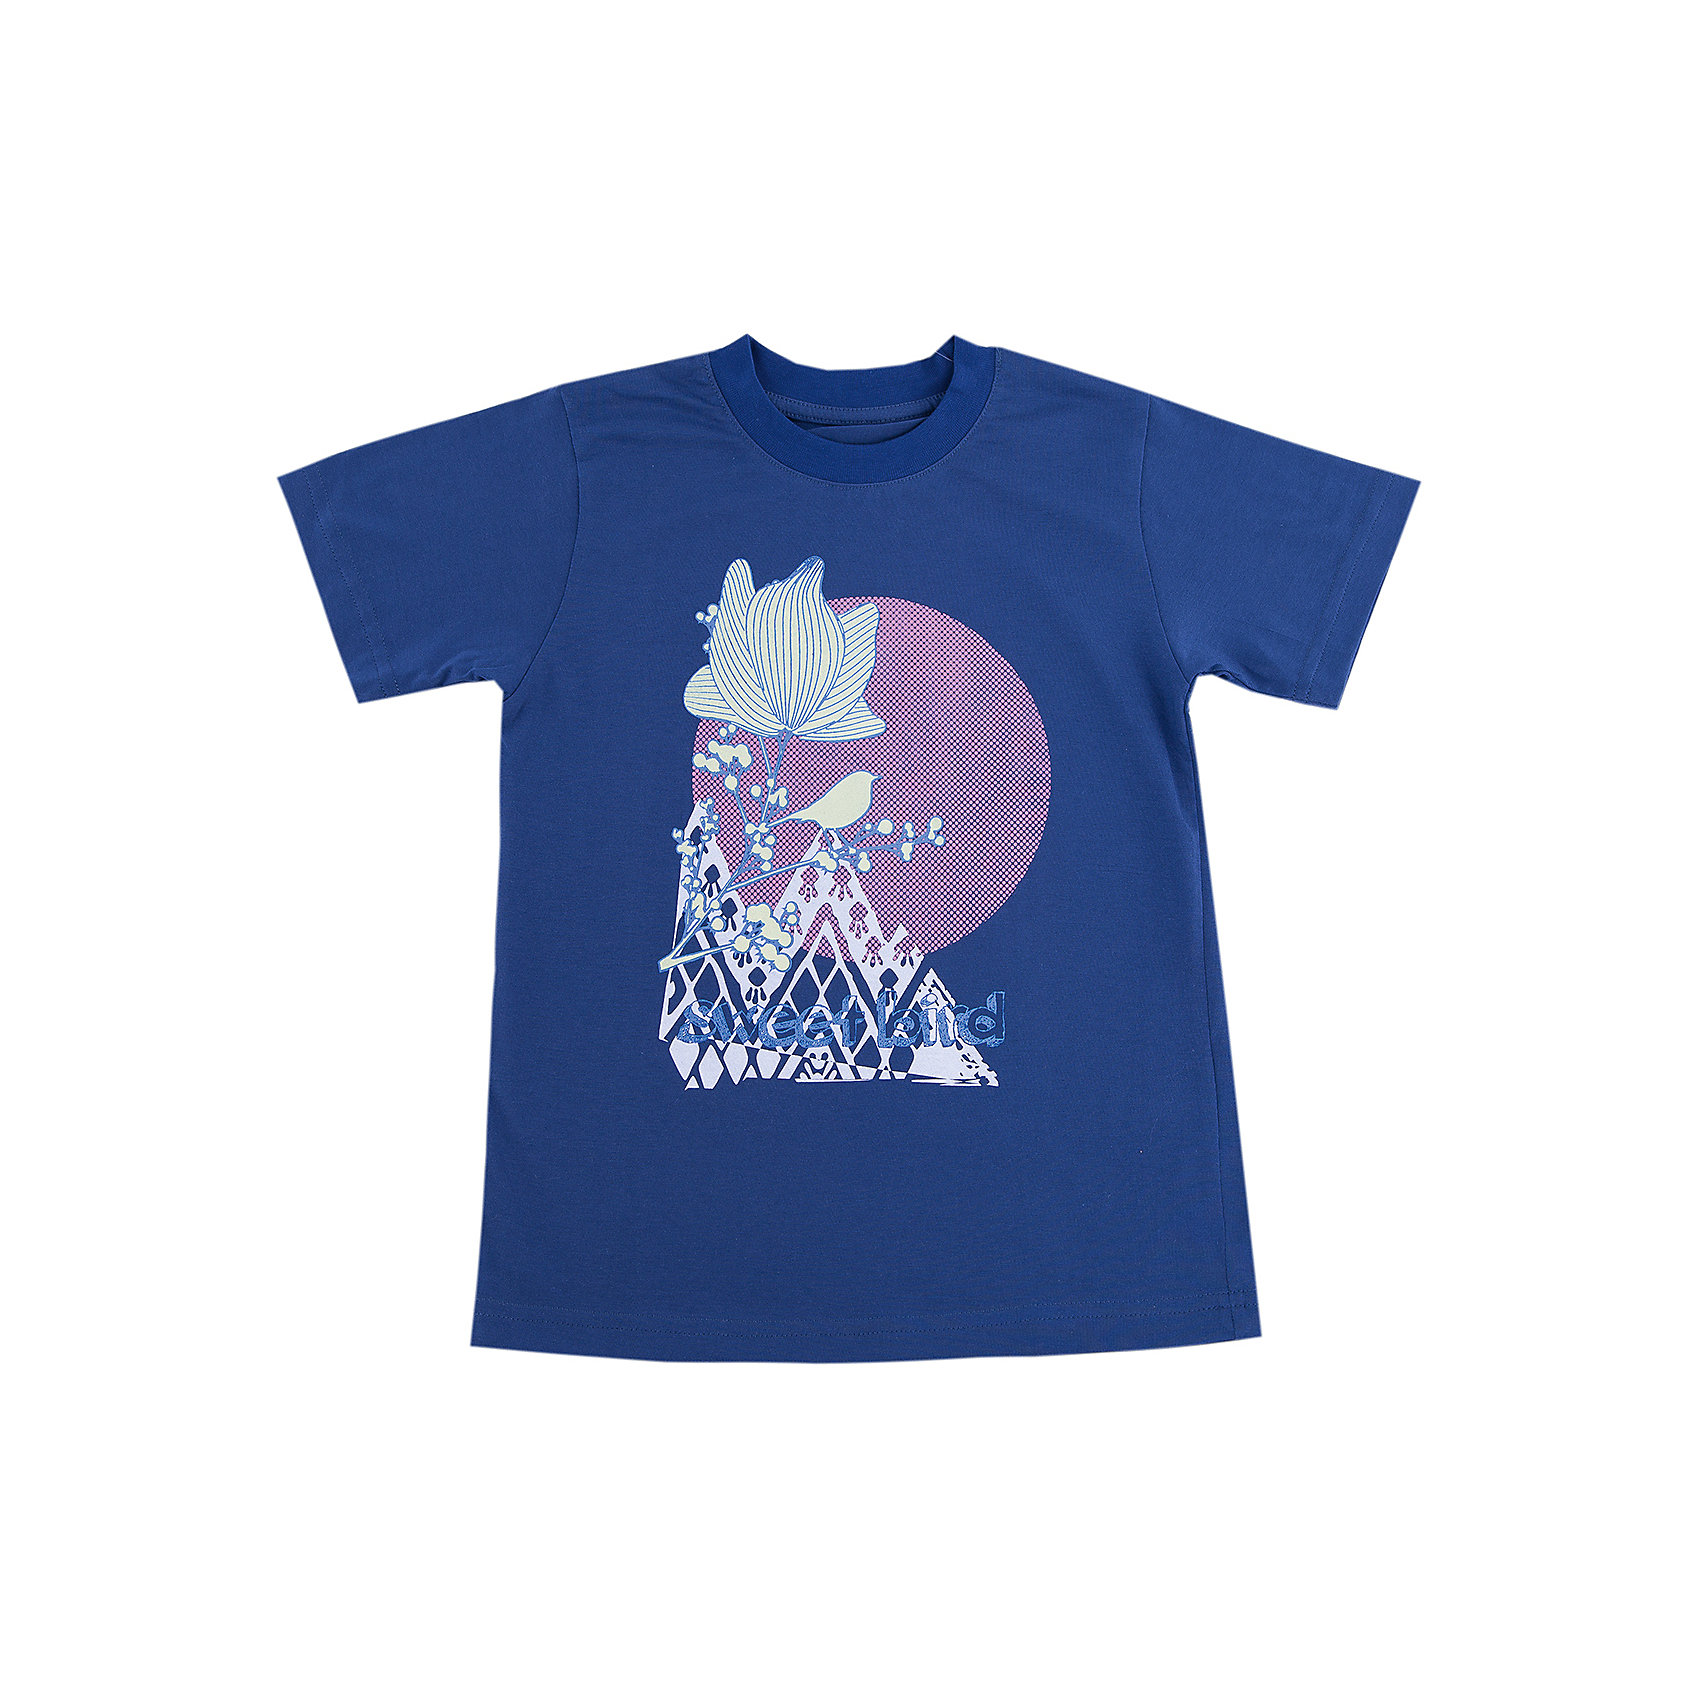 Футболка для девочки WOWФутболки, поло и топы<br>Футболка для девочки WOW<br>Незаменимой вещью в  гардеробе послужит футболка с коротким рукавом. Стильная и в тоже время комфортная модель, с яркой оригинальной печатью, будет превосходно смотреться на ребенке.<br>Состав:<br>кулирная гладь 100% хлопок<br><br>Ширина мм: 199<br>Глубина мм: 10<br>Высота мм: 161<br>Вес г: 151<br>Цвет: синий<br>Возраст от месяцев: 156<br>Возраст до месяцев: 168<br>Пол: Женский<br>Возраст: Детский<br>Размер: 164,128,134,140,146,152,158<br>SKU: 6871803